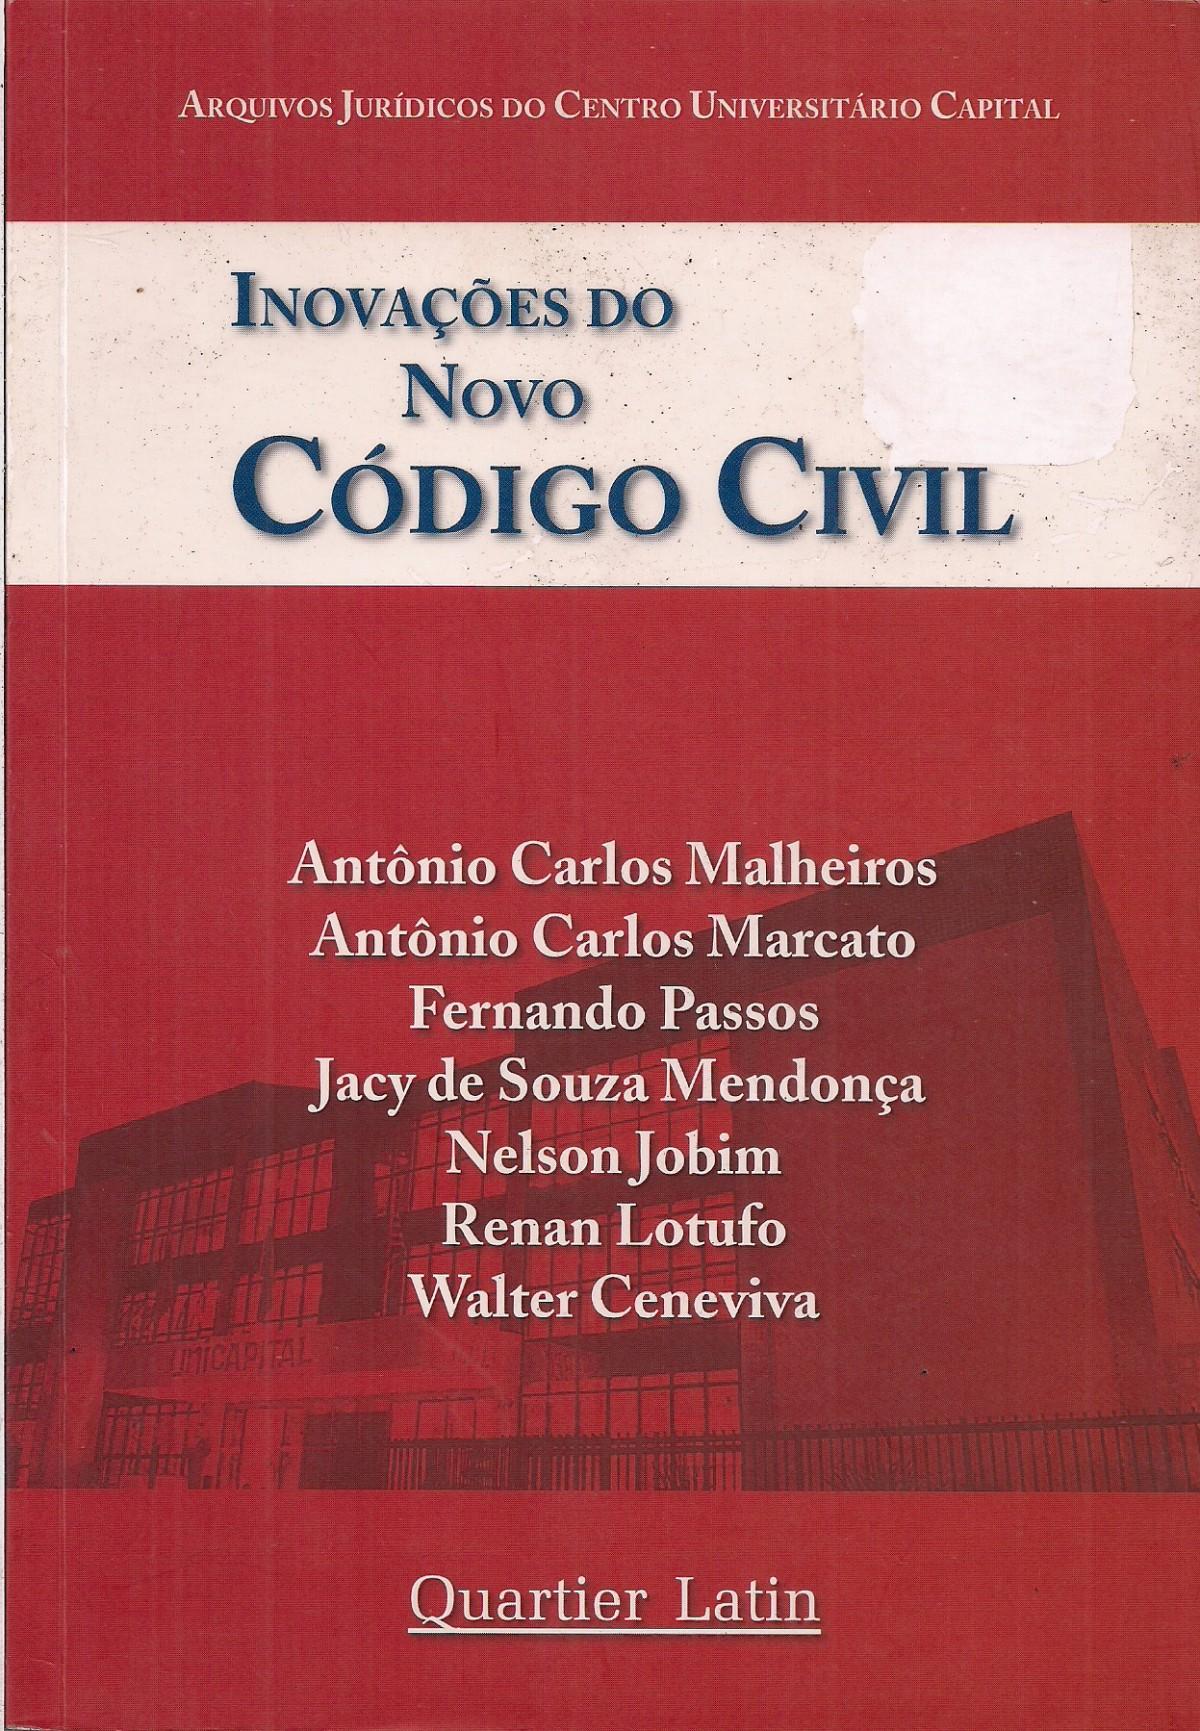 Foto 1 - Inovações do Novo Código Civil